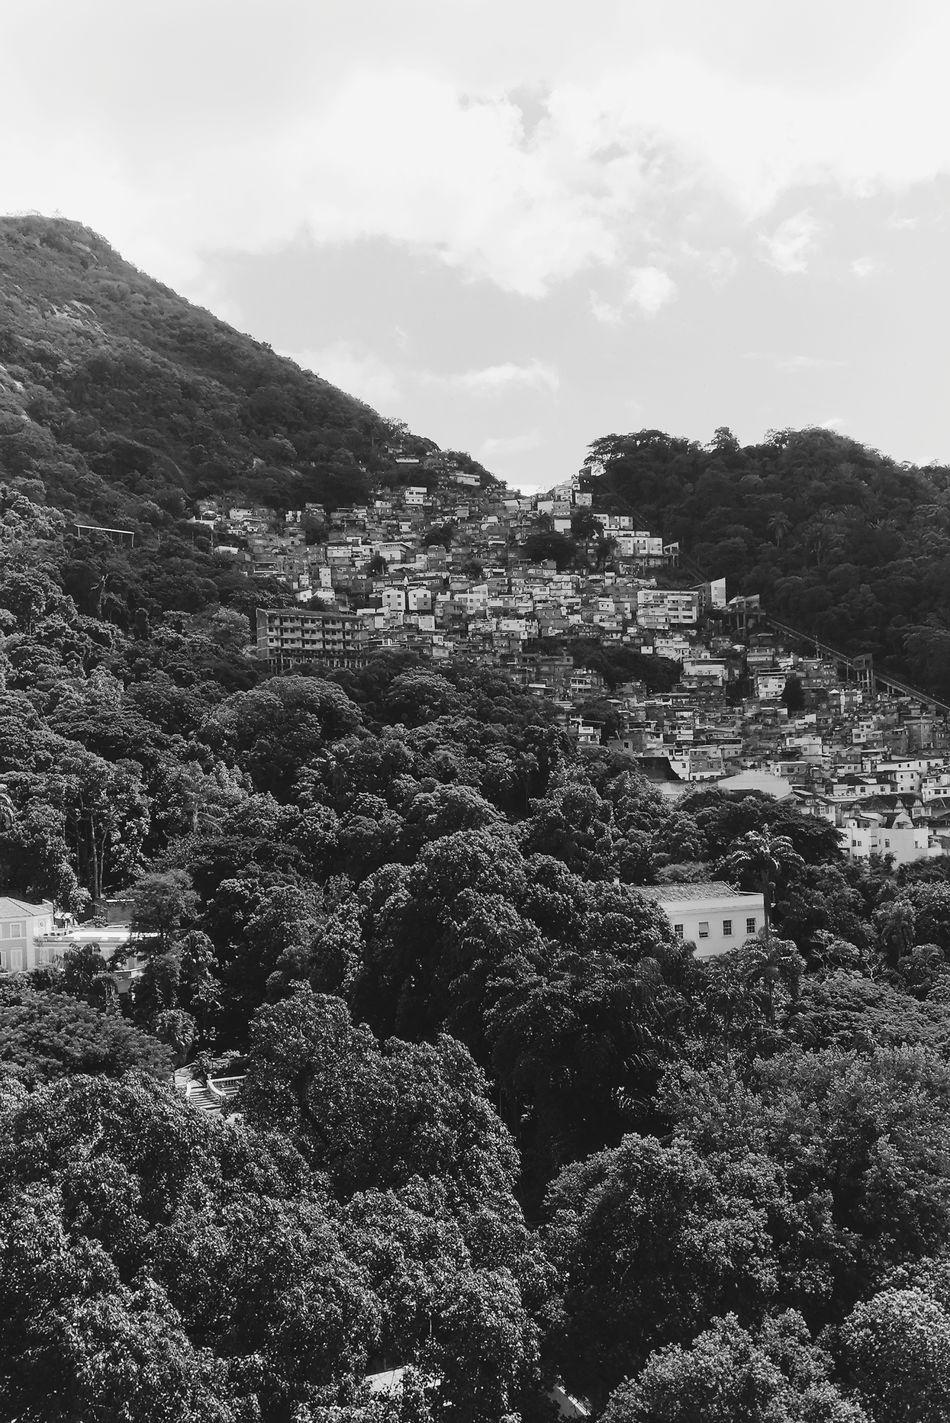 Botafogo Nature Landscape No People Outdoors Cloud - Sky Mountain Favelabrazil Favela Rio De Janeiro Eyeem Fotos Collection⛵ Rio De Janeiro Botafogo